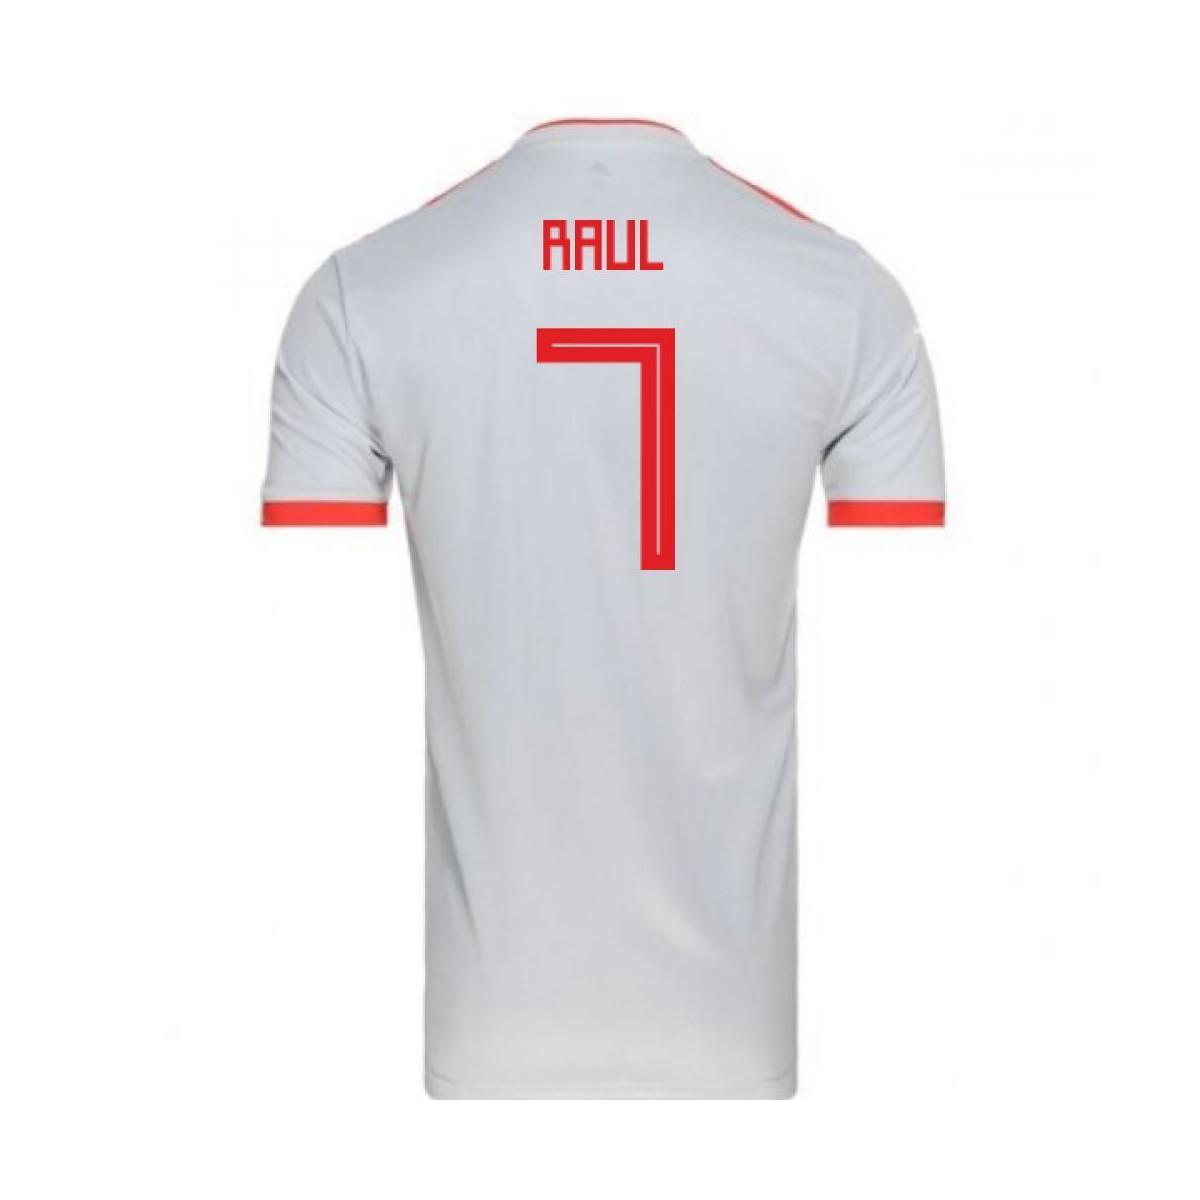 bbbc9e16afc Adidas 2018-2019 Spain Away Football Shirt (raul 7) Women s T Shirt ...